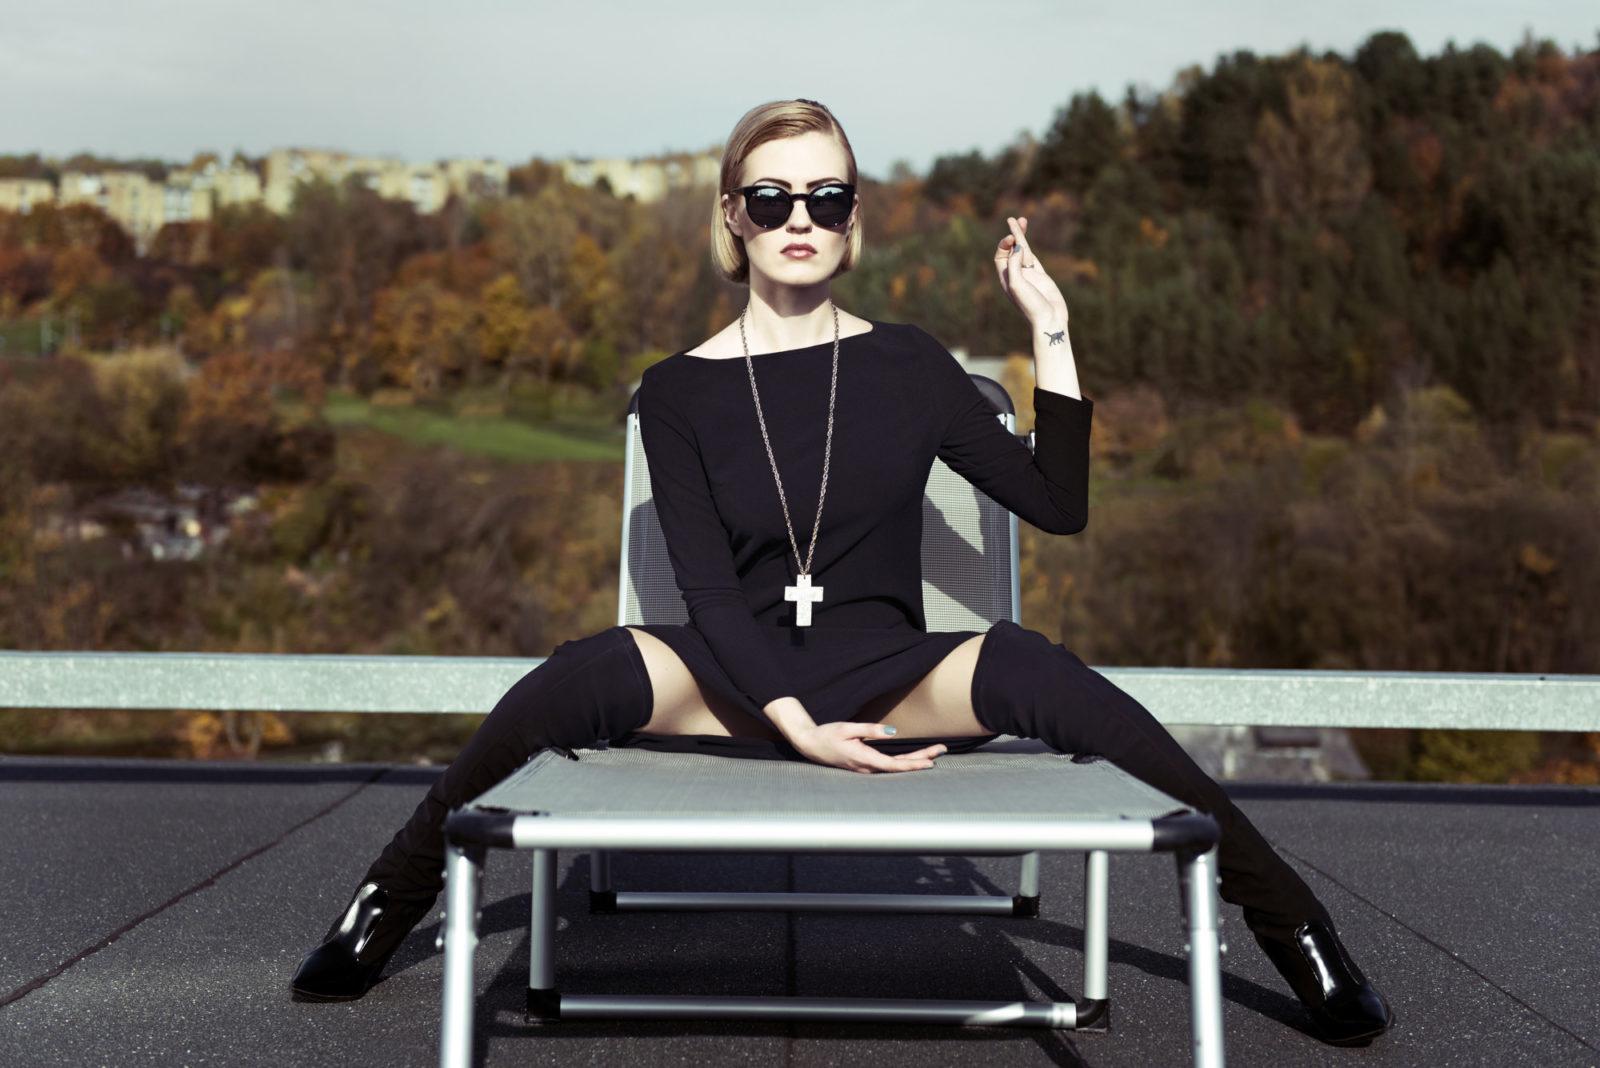 Mados fotosesija ant rudeninio stogo. Drabužiai: Vogue plius. Modelis: Miglė Kazėnaitė. Retušas: Kristina Kekytė.